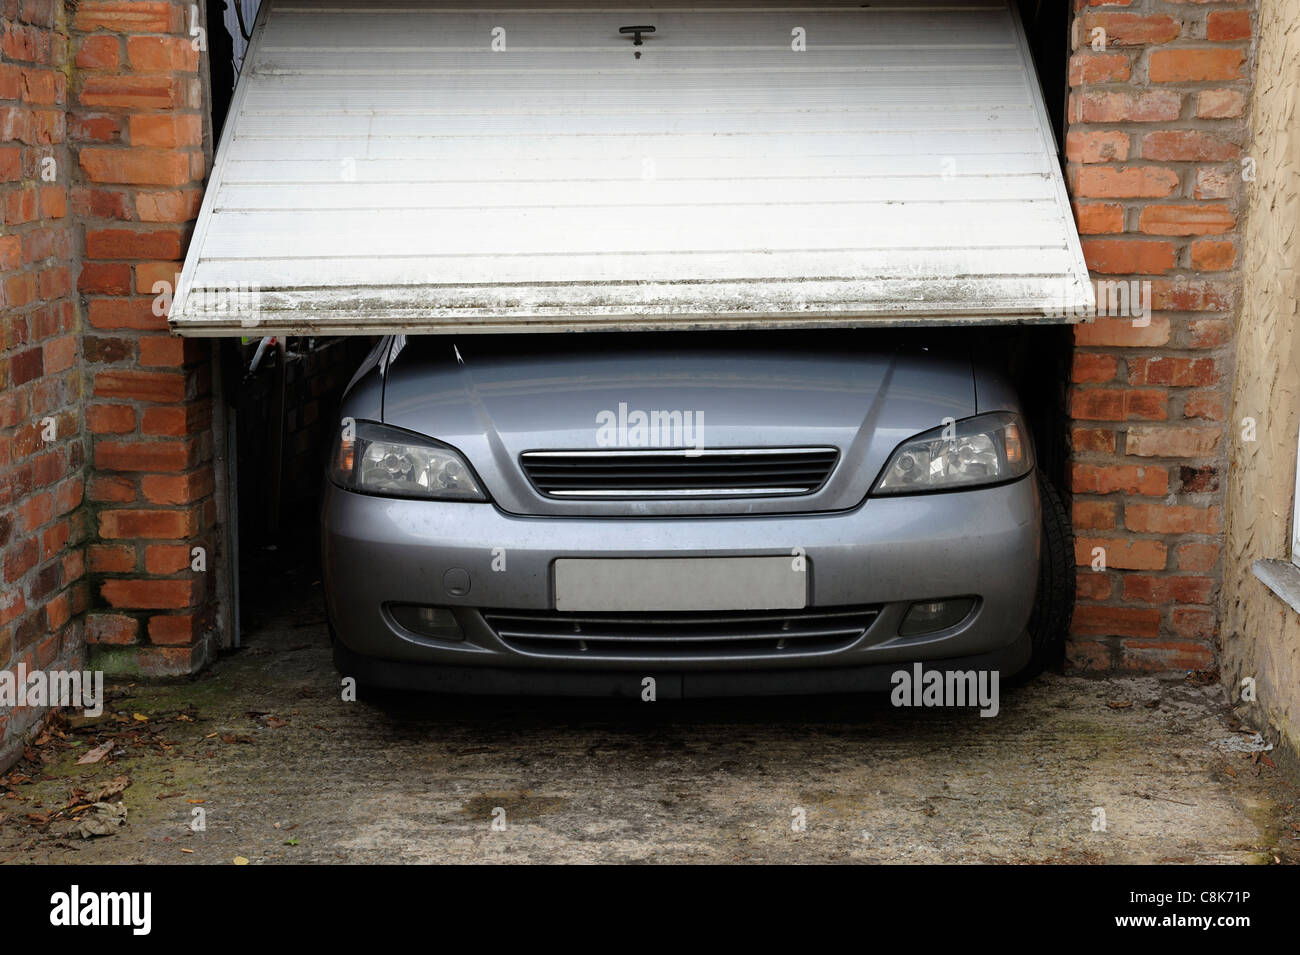 Auto wird nicht in die Garage passen. Stockbild